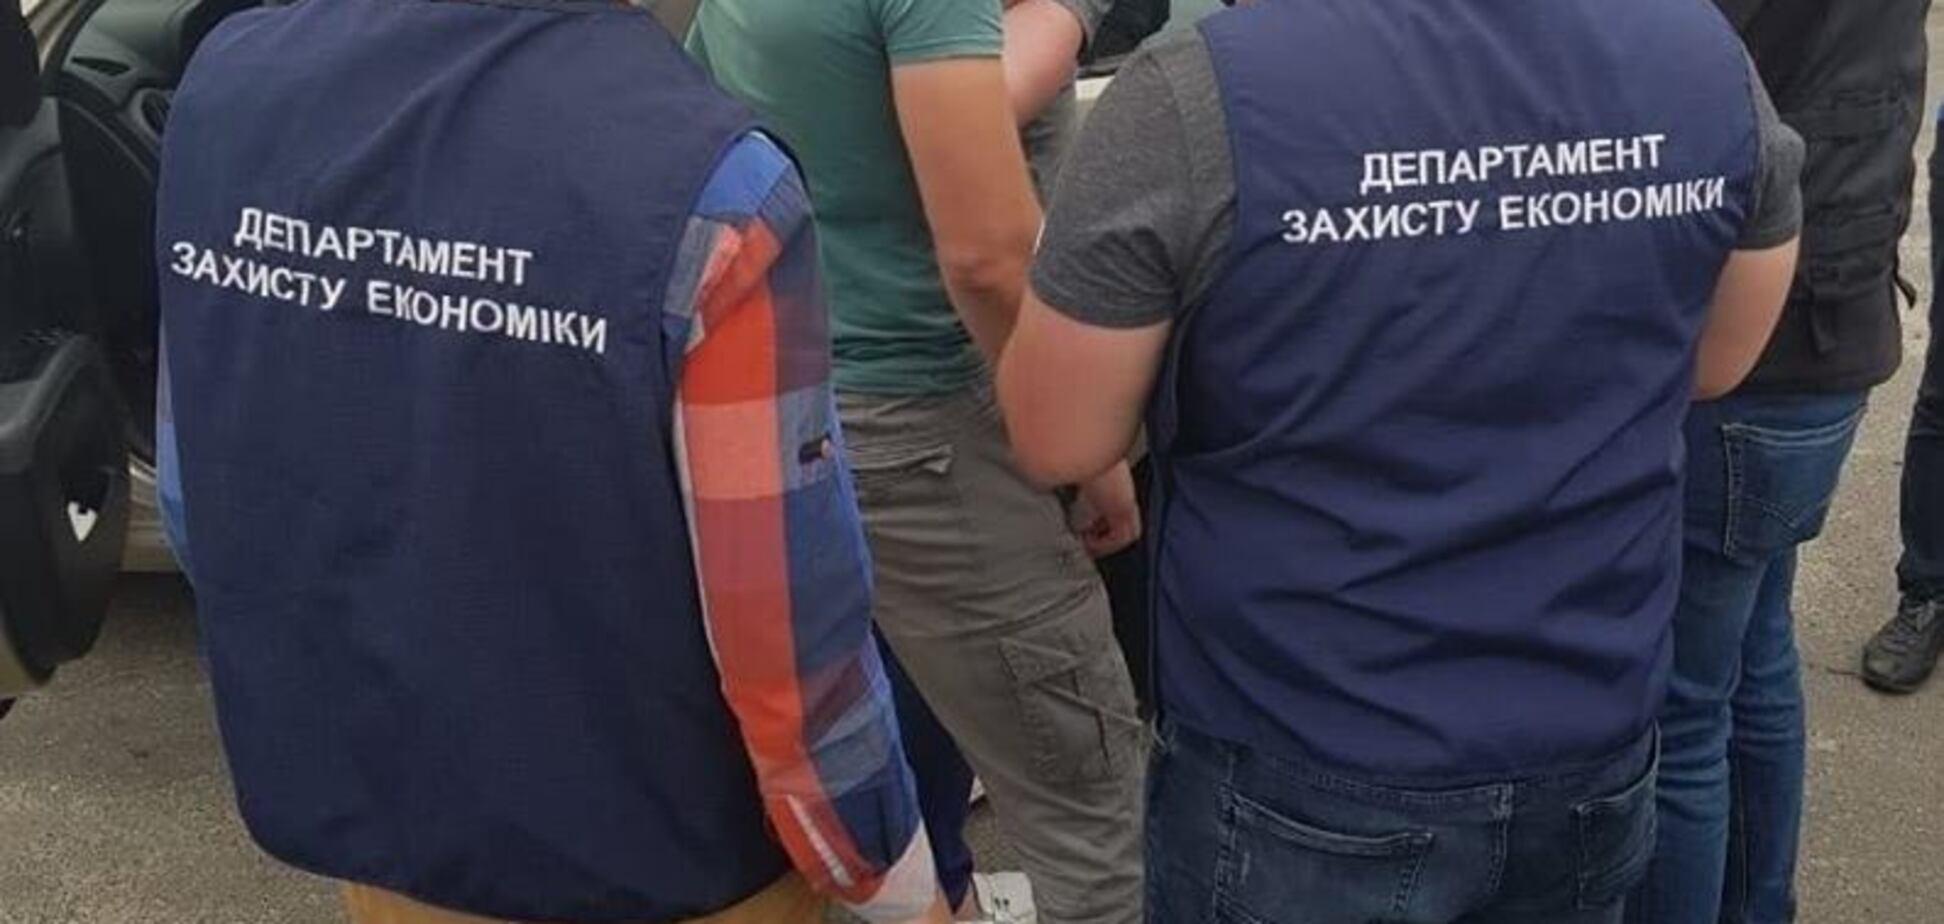 Вимагав мільйон: під Києвом 'на гарячому' спіймали депутата